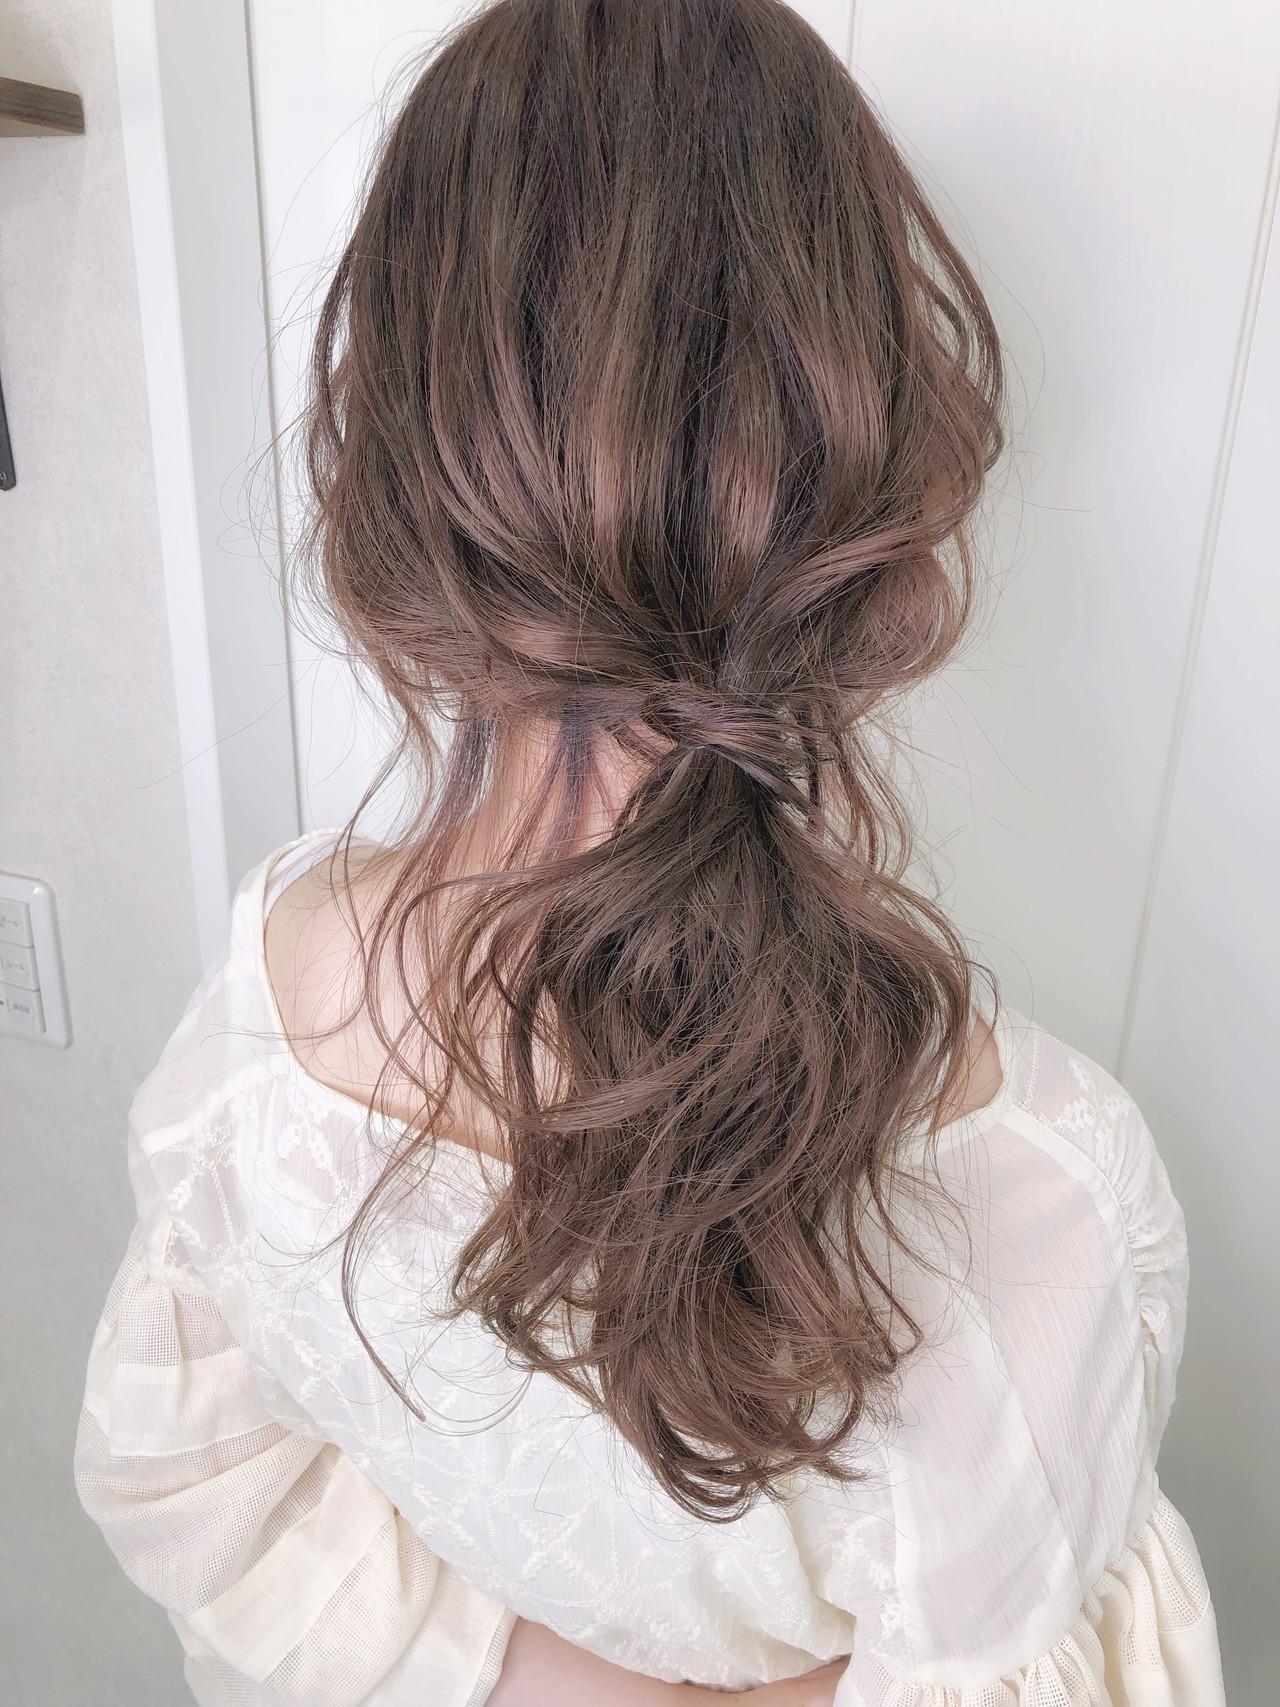 ナチュラル 浴衣アレンジ 浴衣ヘア ピンクアッシュヘアスタイルや髪型の写真・画像